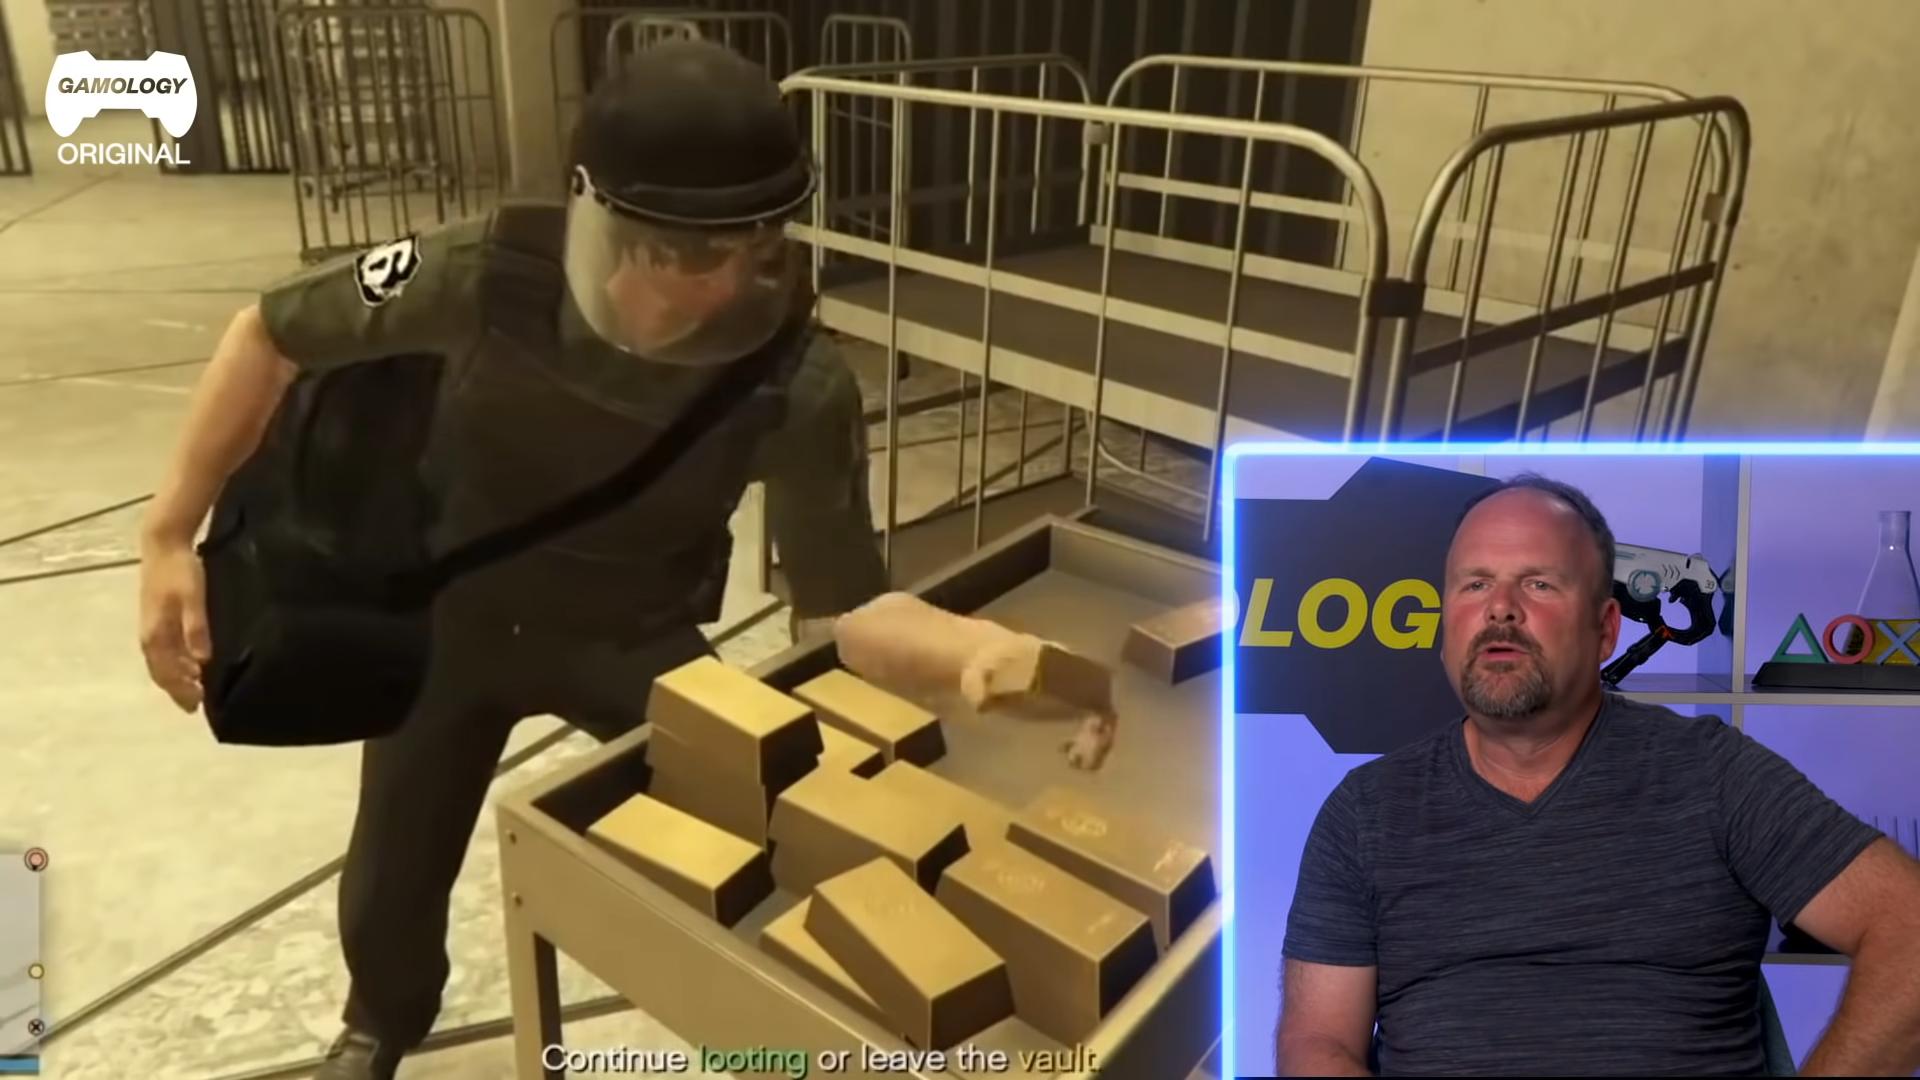 真搶匪吐槽遊戲,一個人居然能背這麼多金條。(圖源:Youtube)